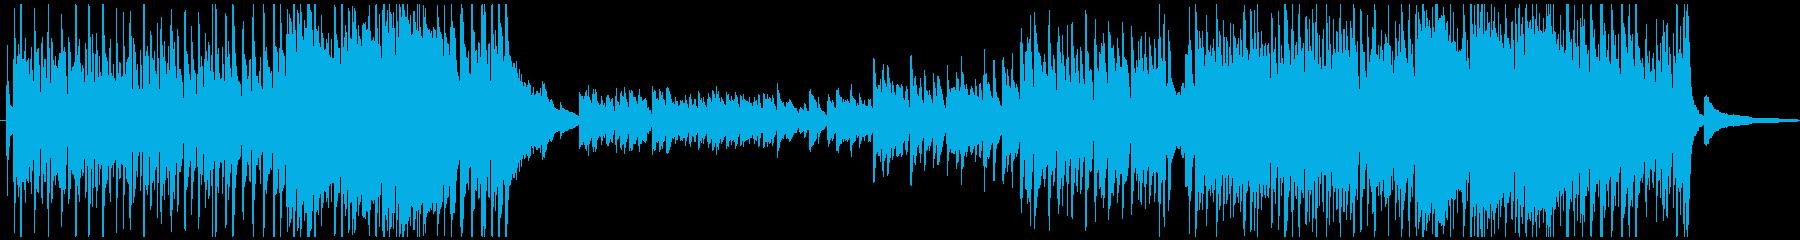 疾走感 ピアノメイン ゲーム感の再生済みの波形